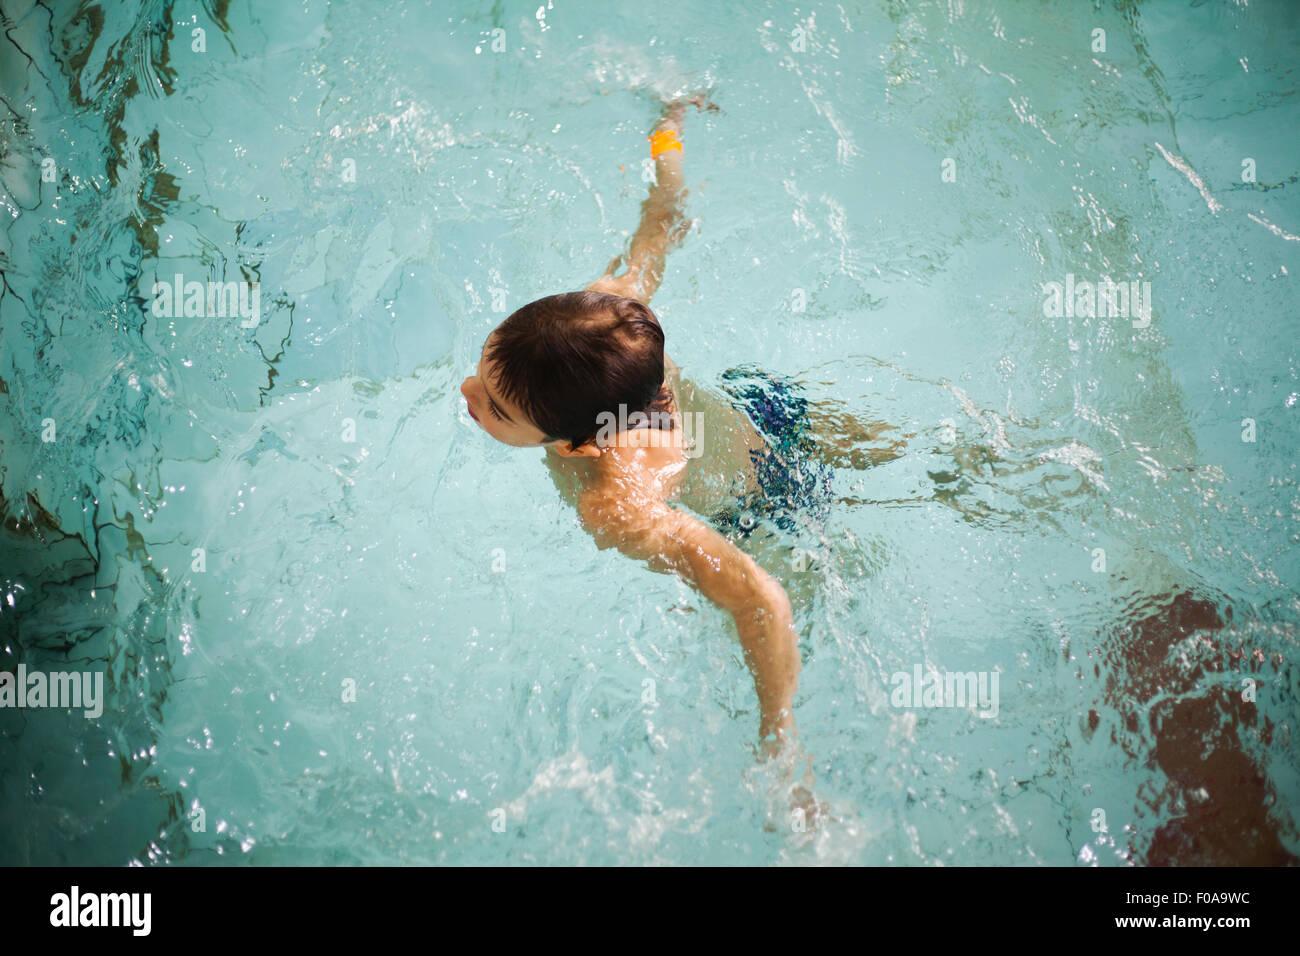 Angolo di Alta Vista del ragazzo di trattare l'acqua in piscina Foto Stock